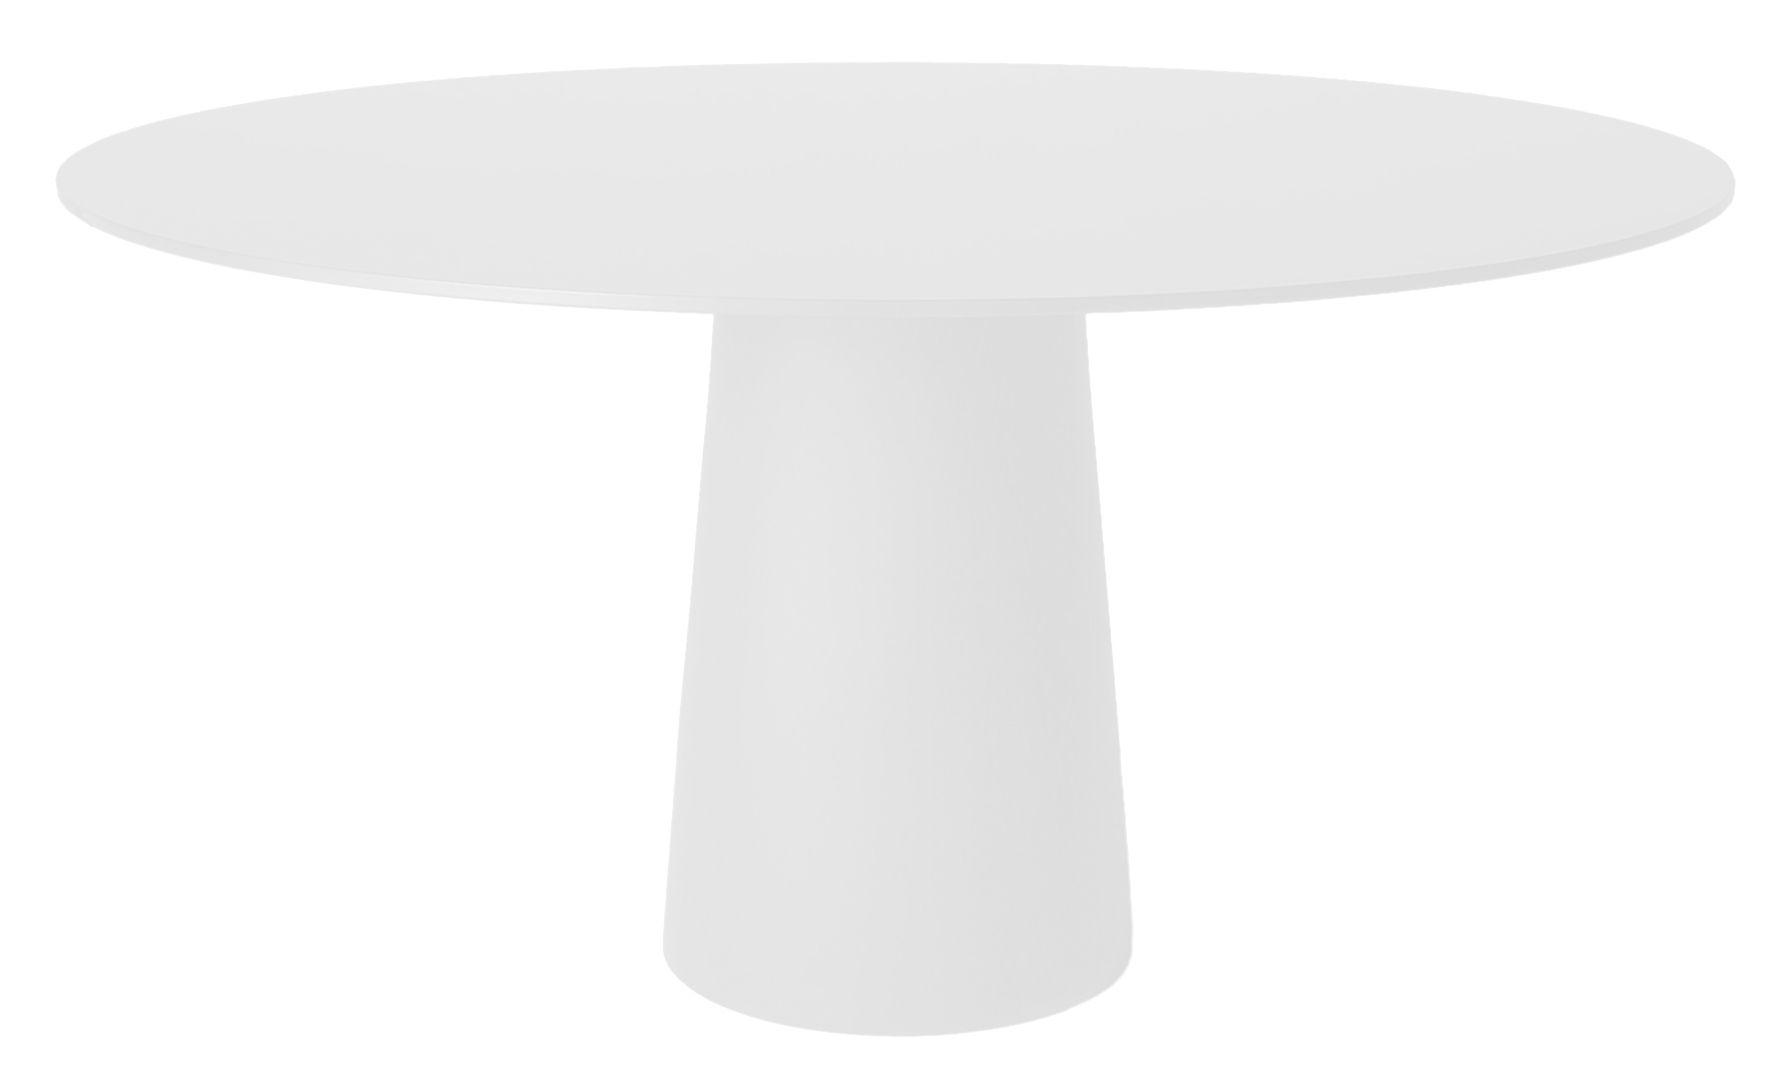 Outdoor - Tables de jardin - Accessoire table / Pied pour table Container / H 70 cm - Pour plateau Ø 140 cm - Moooi - Pied blanc Ø 43 x H 70 cm - Polypropylène